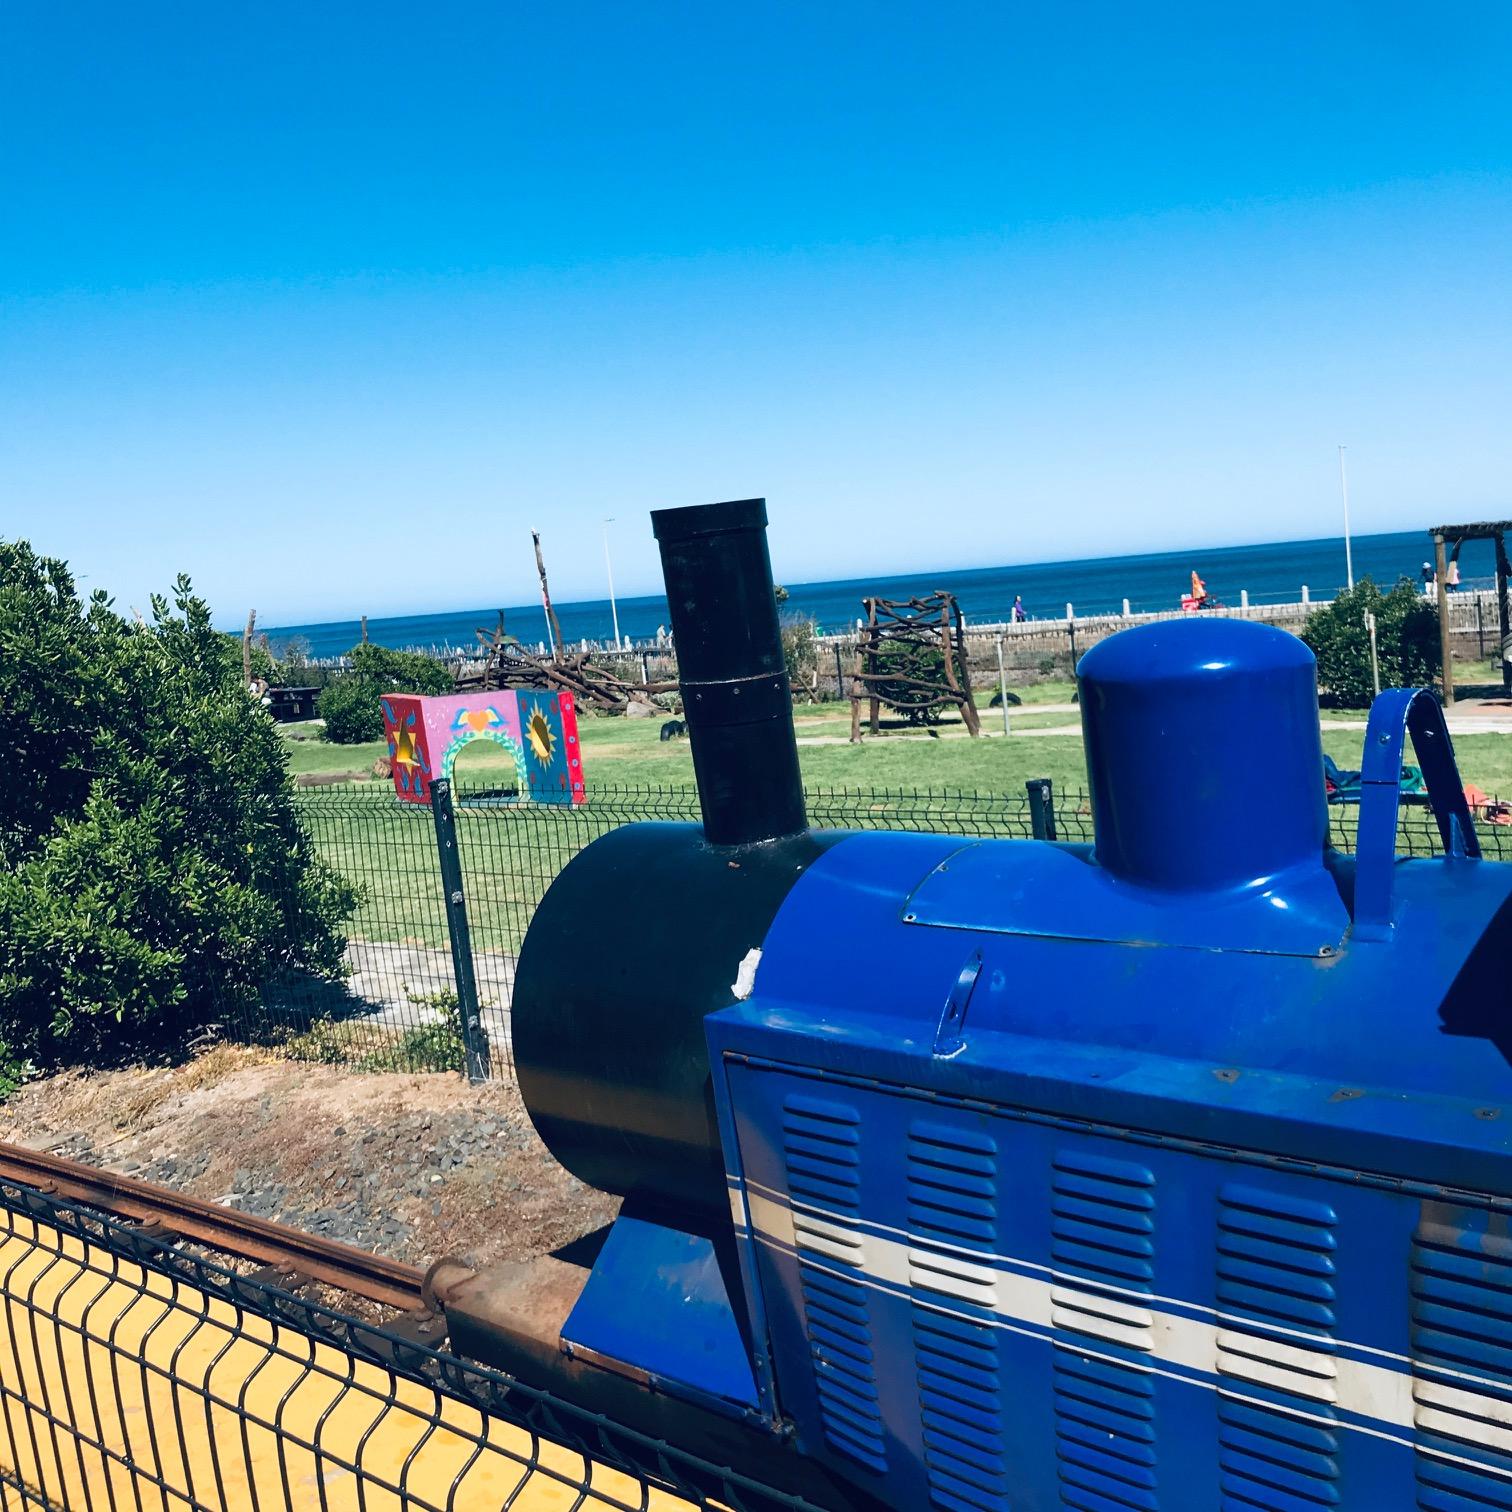 The Blue Train park, Mouille Point